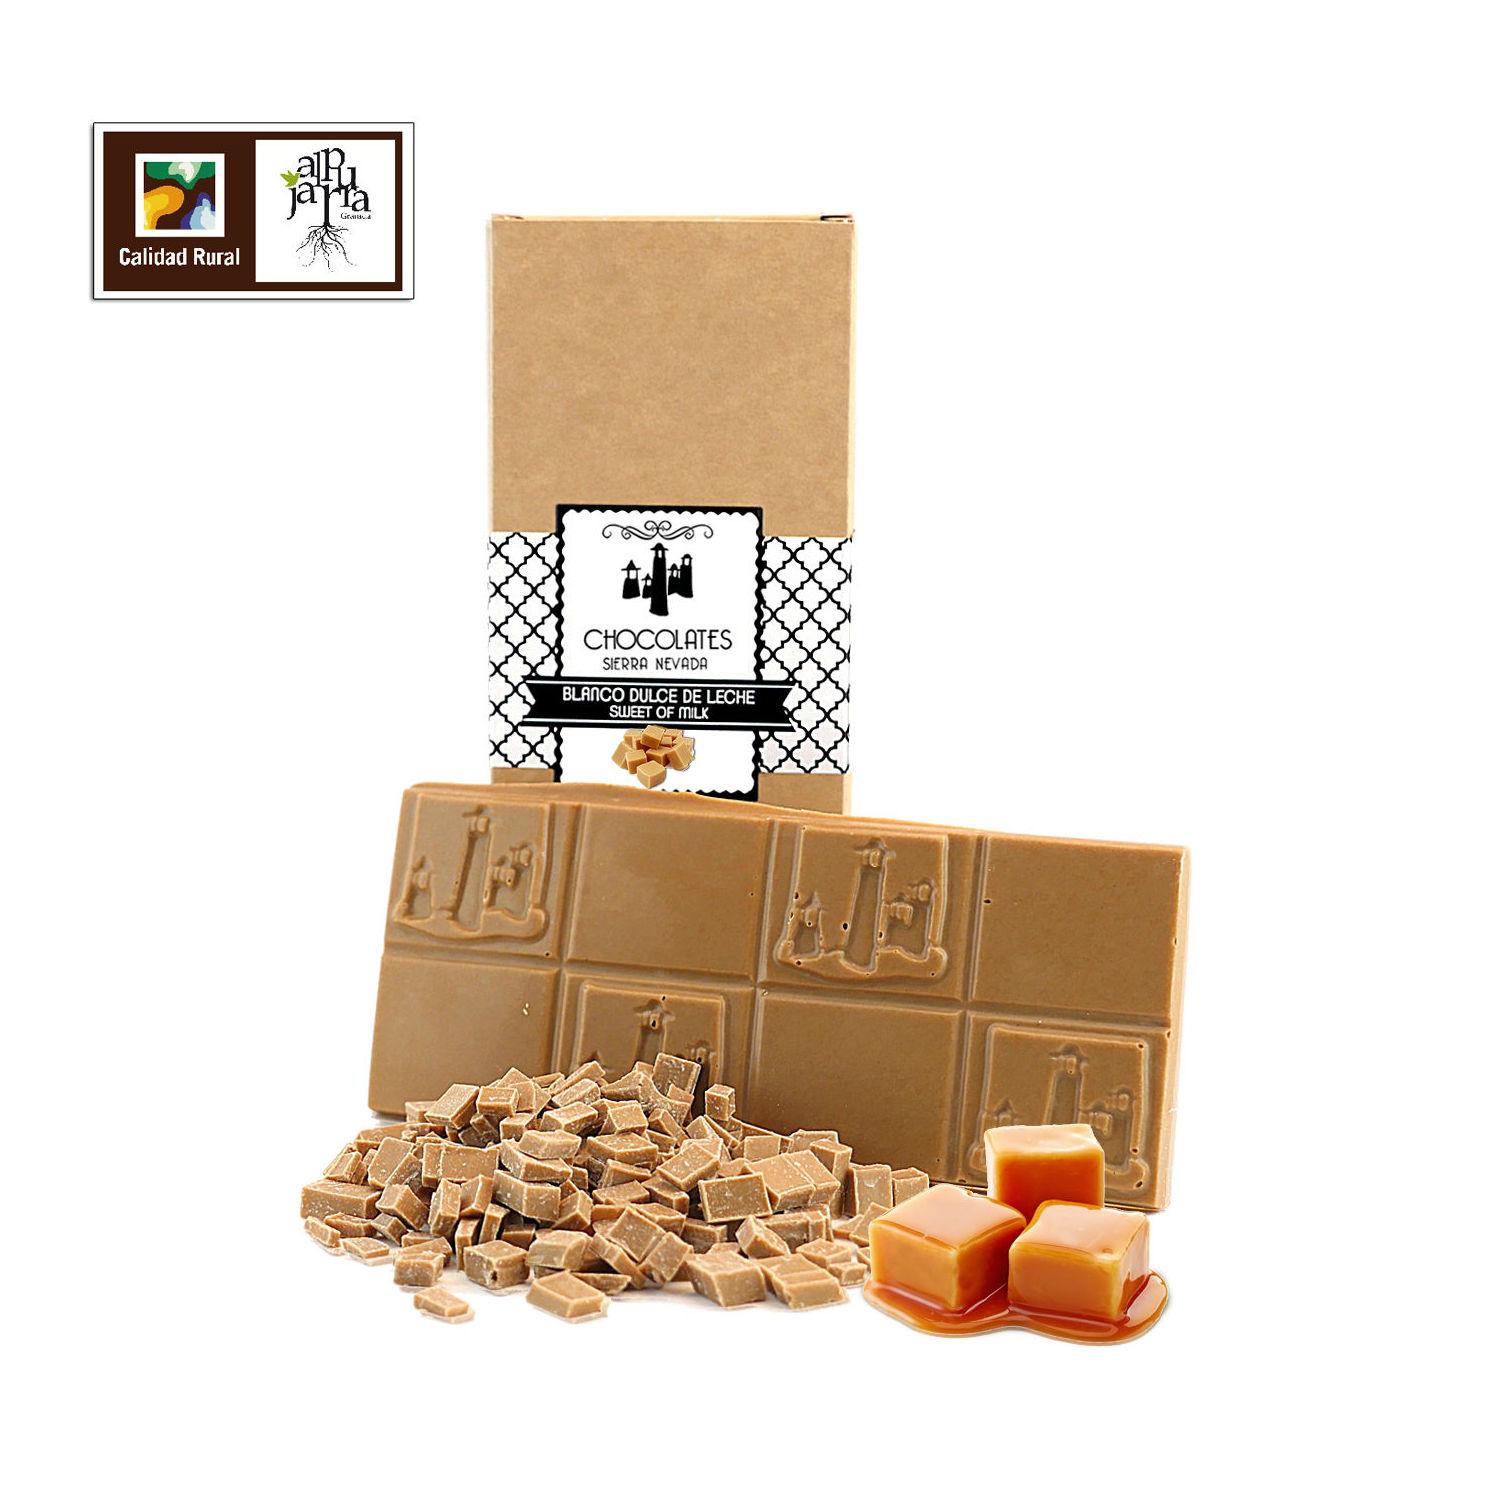 Tableta artesana de chocolate blanco con dulce de leche: Nuestros productos de Chocolates Sierra Nevada